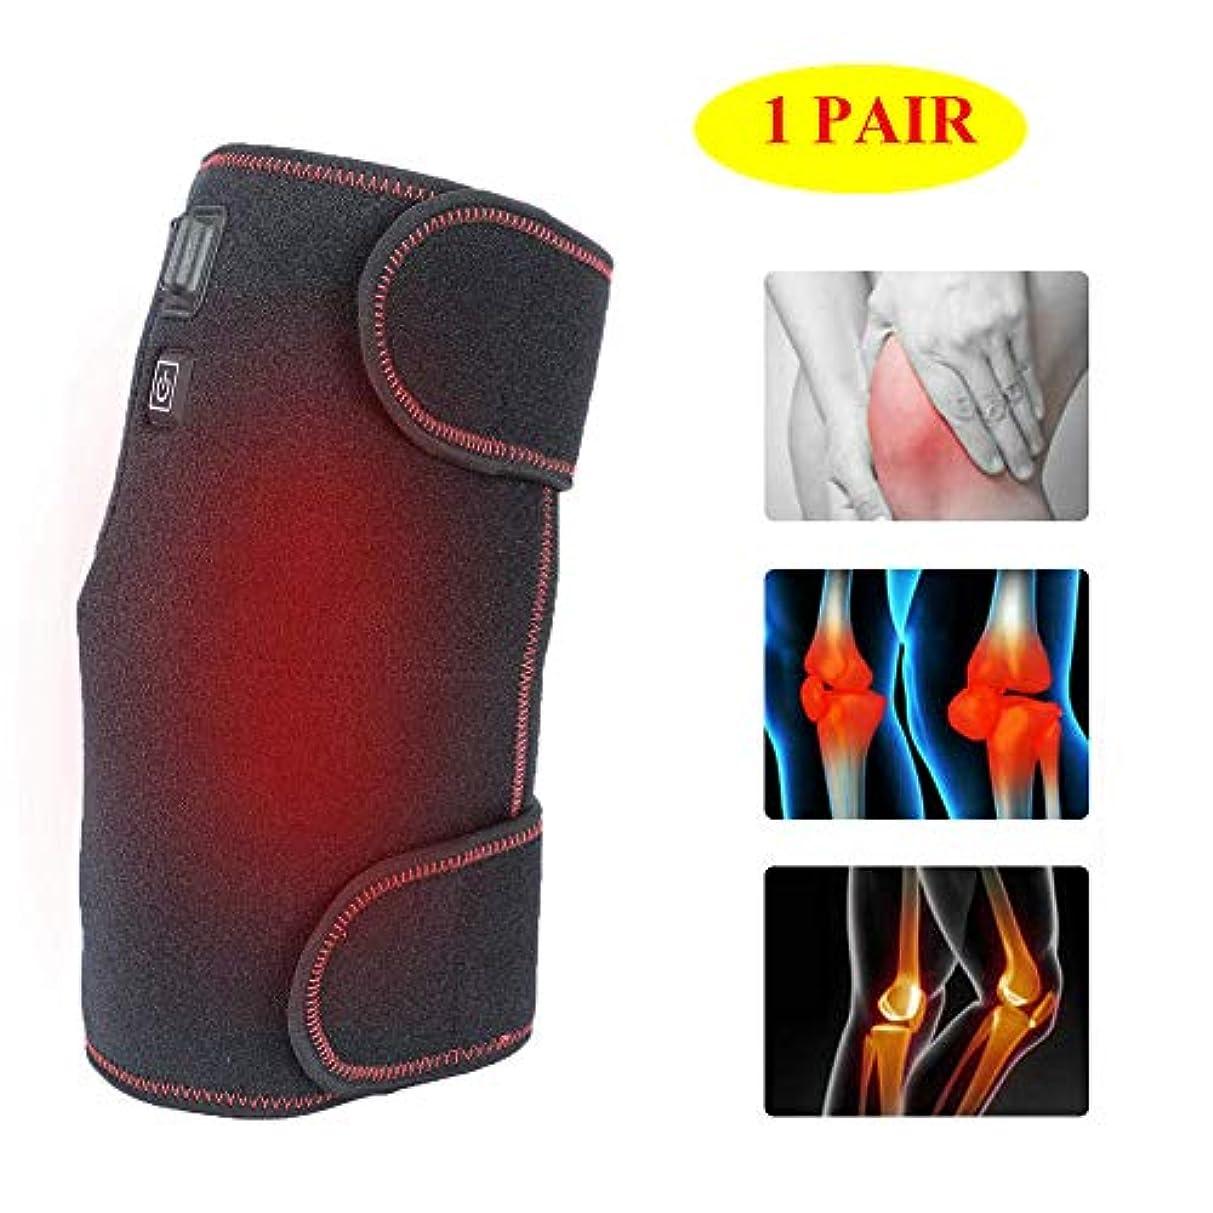 ルネッサンス司書却下する3ファイル温度の膝ブレース1ペアを加熱-膝の怪我のためのUSB充電式治療加熱パッド脚ウォームラップ